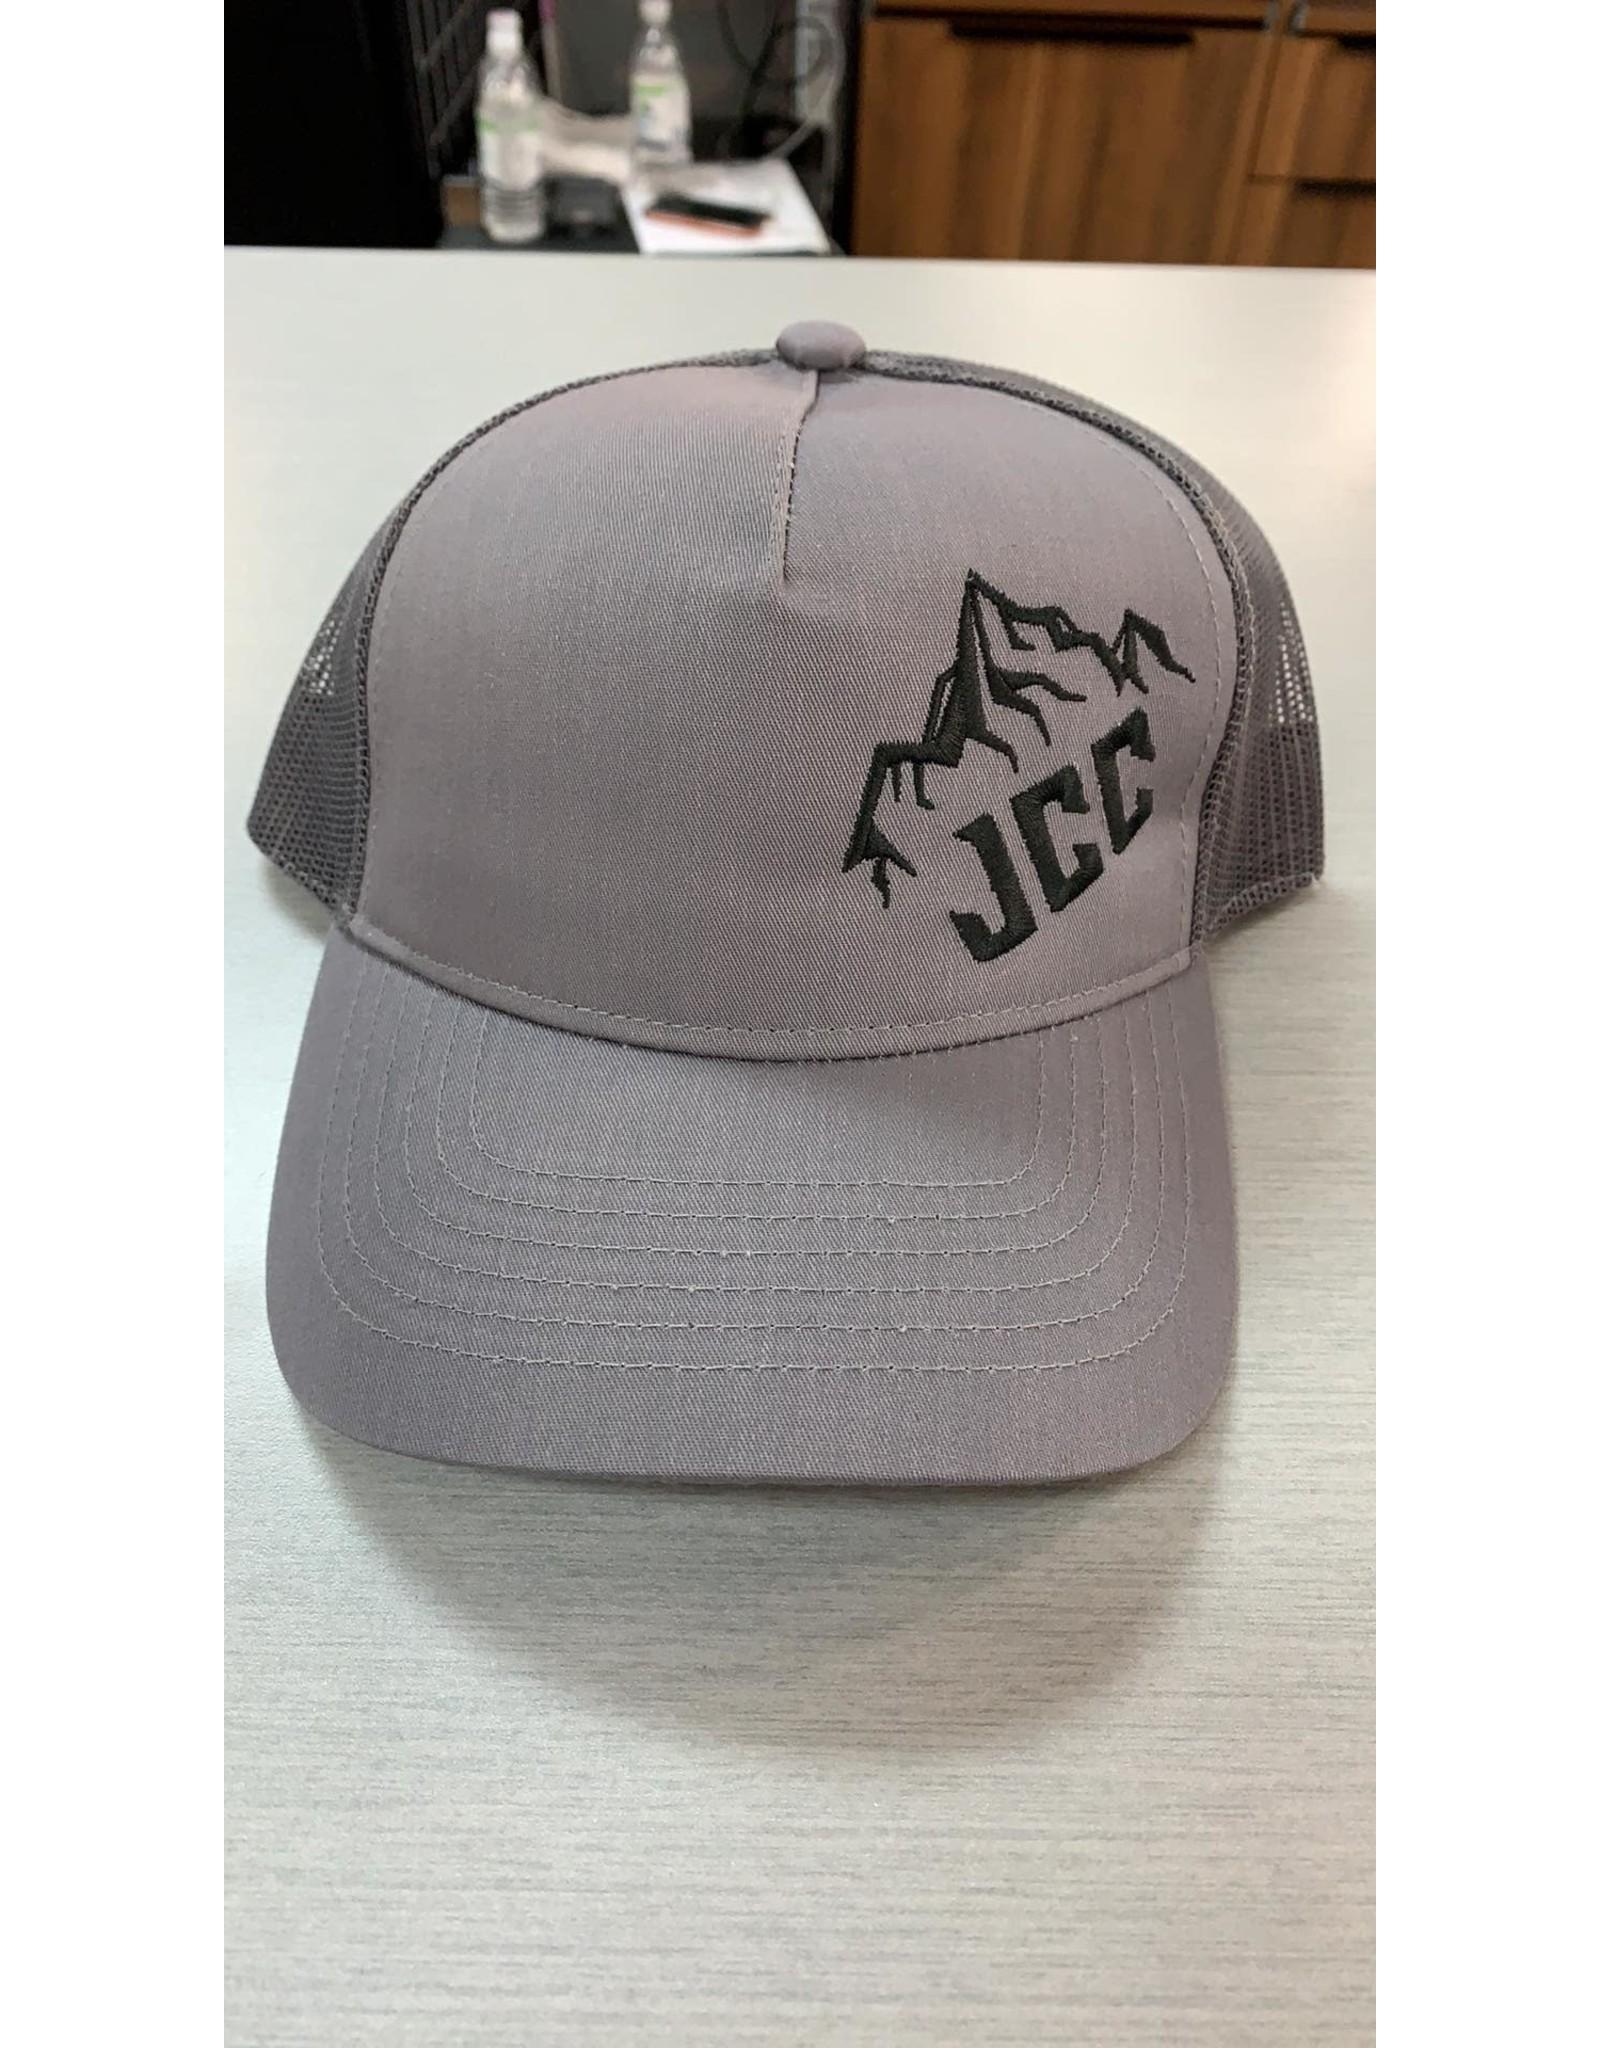 JCC JCC-CASQUETTE-DIVERS